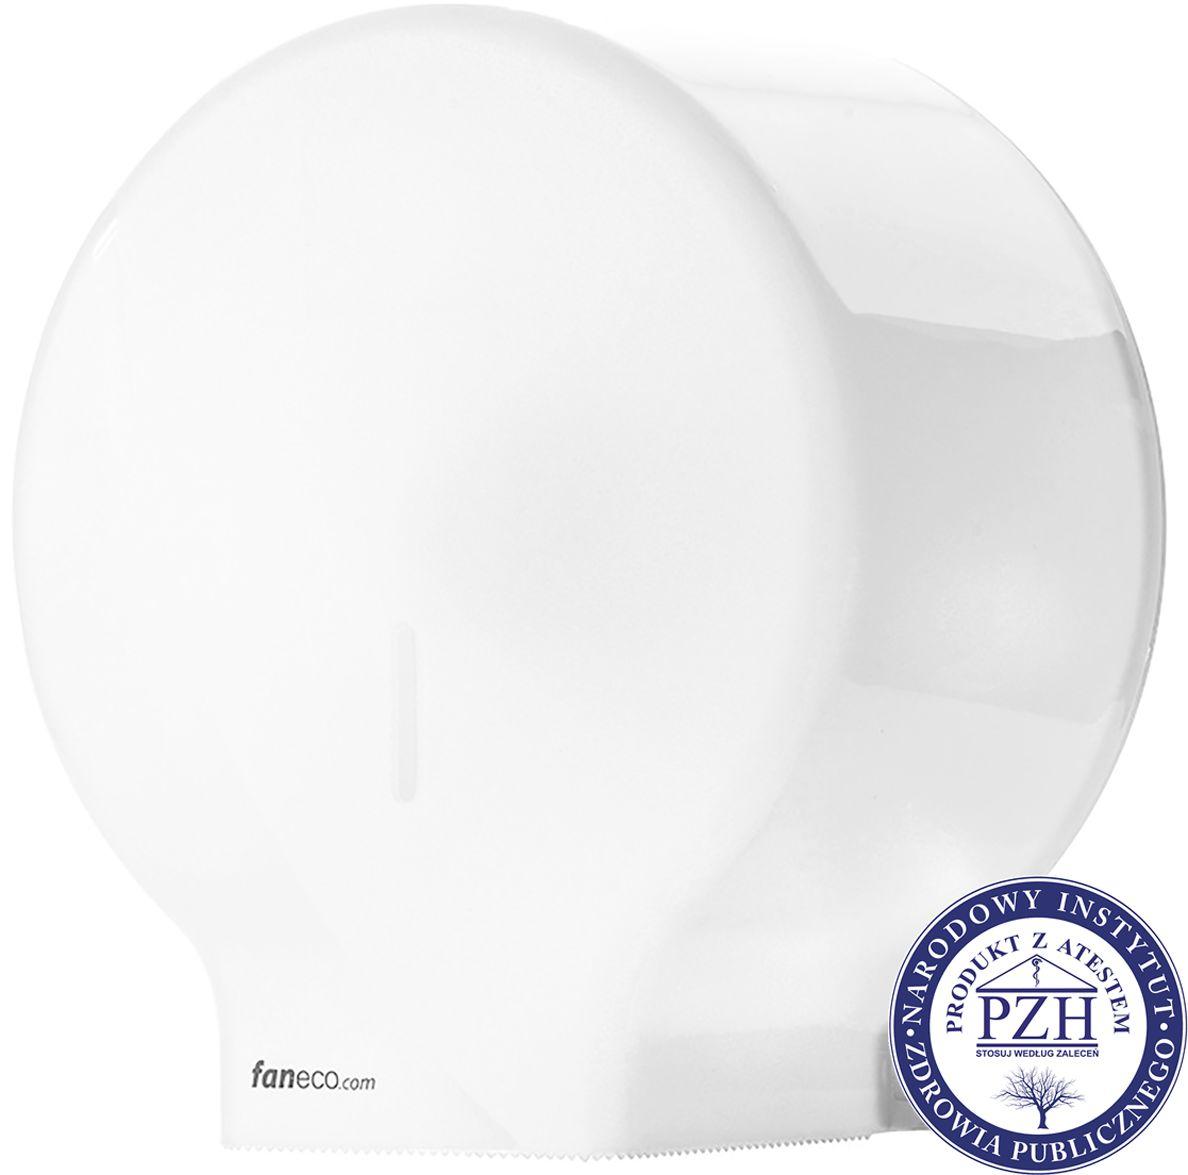 Pojemnik na papier toaletowy Faneco ECO Midi plastik biały